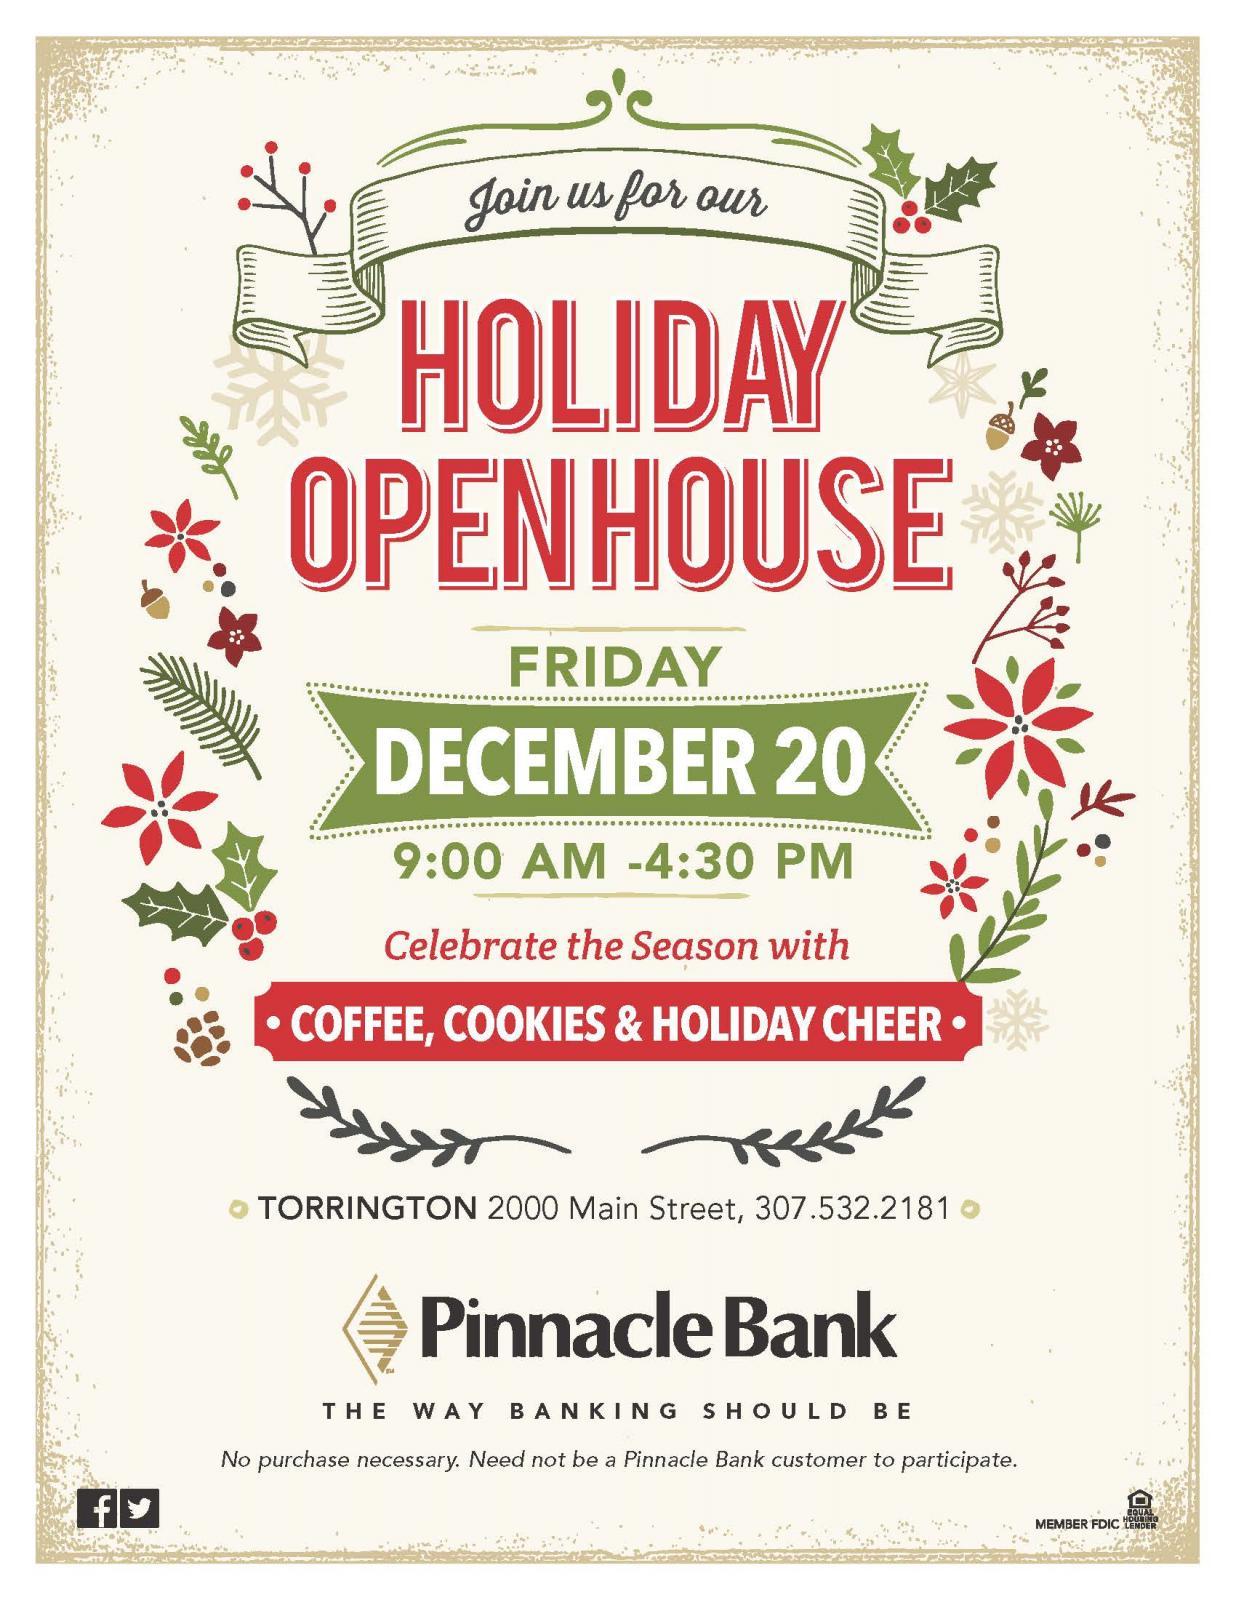 Holiday Open House at Pinnacle Bank Photo